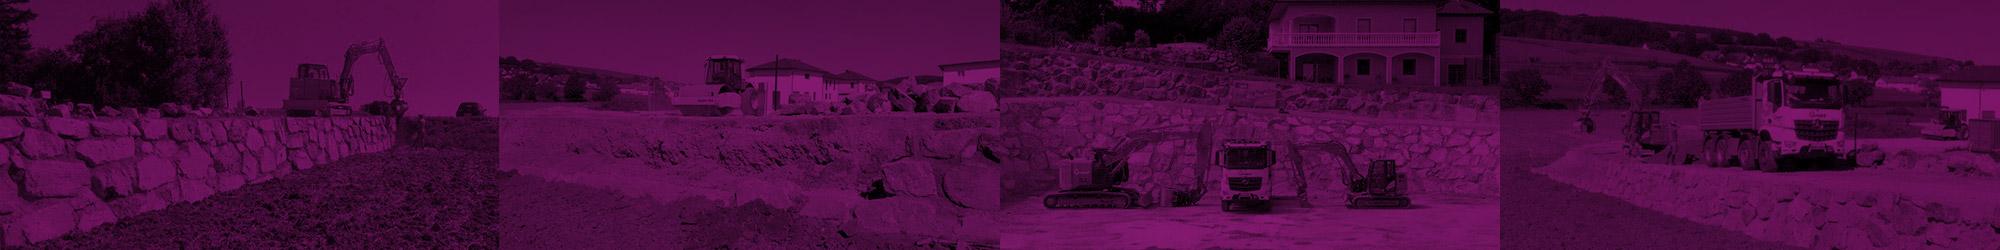 Gnant Steinmauern und Gartengestaltung